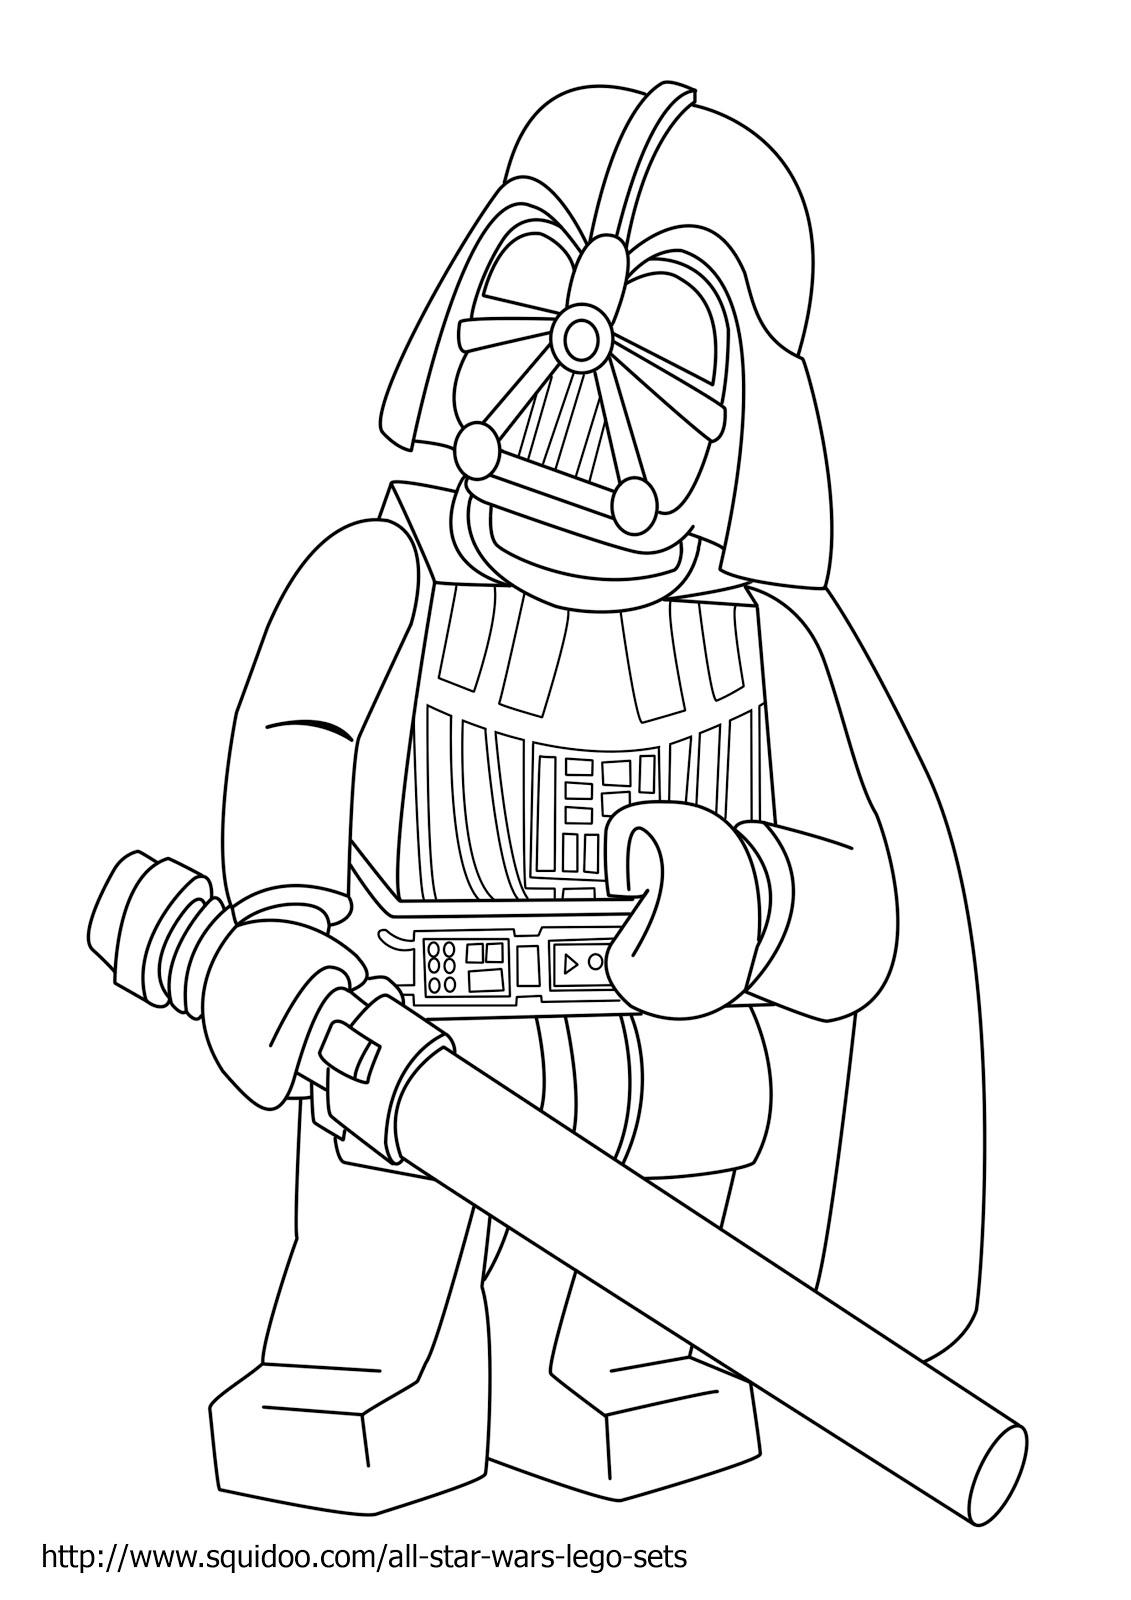 Dibujos para colorear de star wars lego